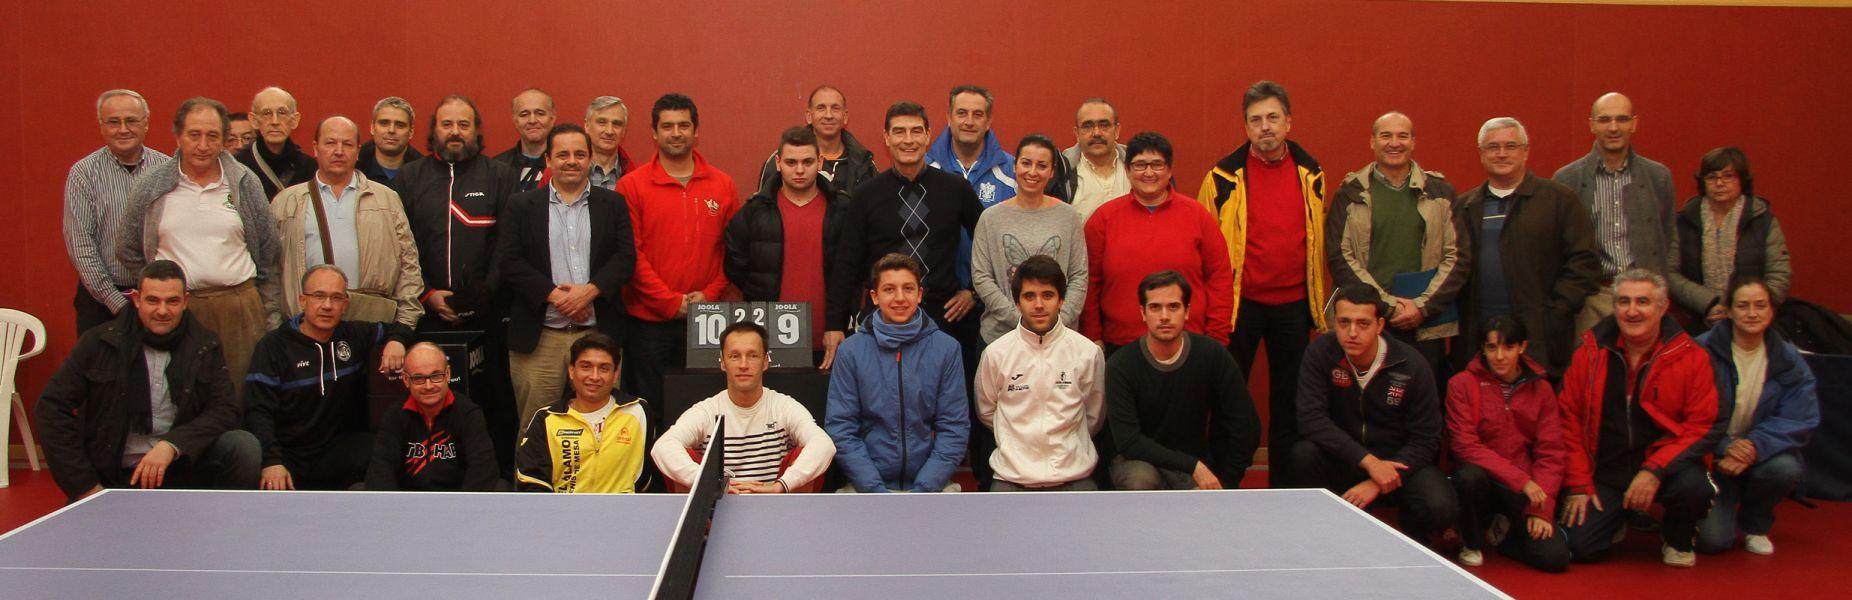 Foto de grupo de los participantes en el Seminario de Entrenadores de la Federación Madrileña de Tenis de Mesa.